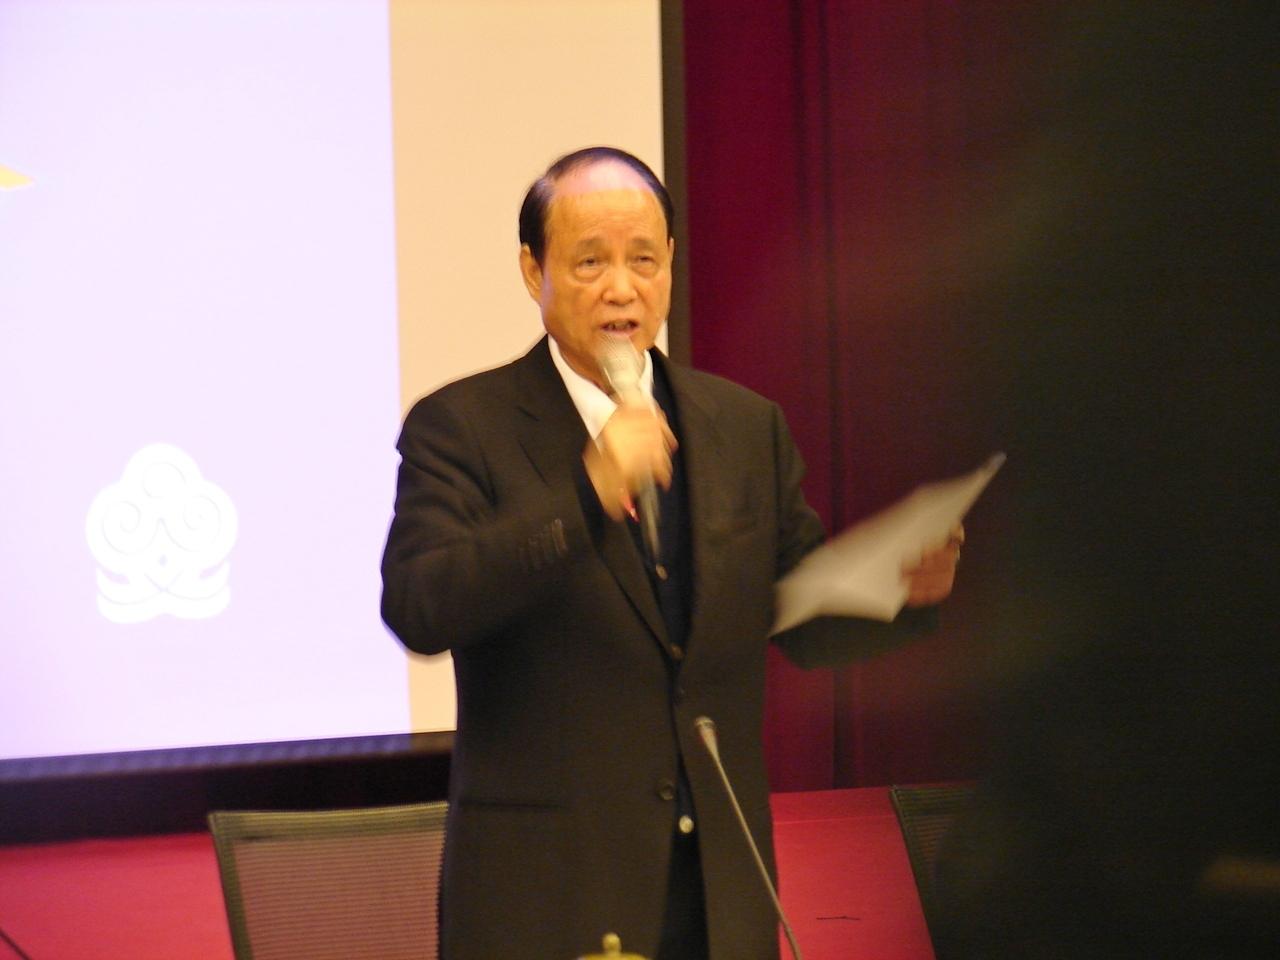 海基會董事長林中森。(記者Jimi Liao攝影)